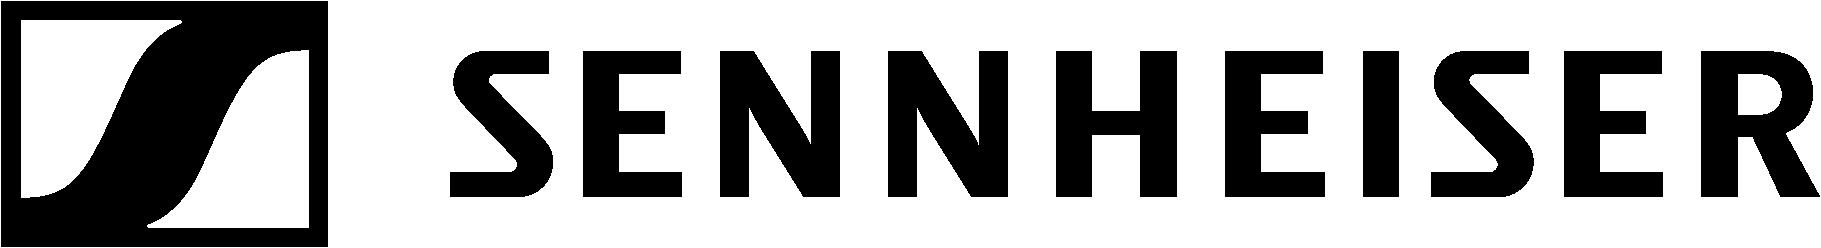 Senheisser